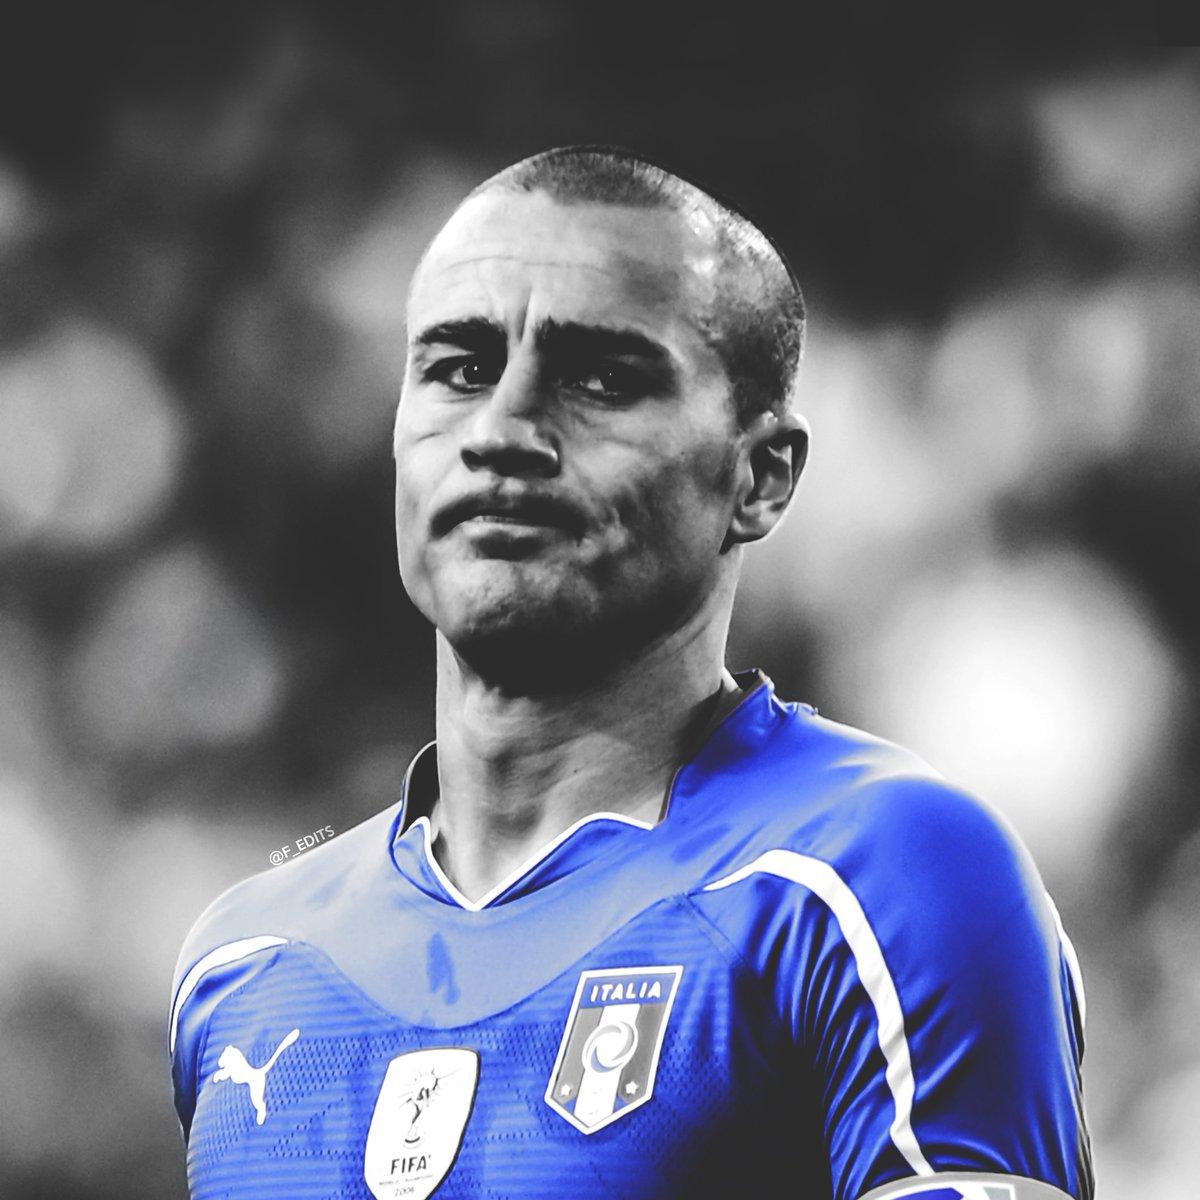 """Football Edits on Twitter """"Fabio Cannavaro Italy iPhone"""